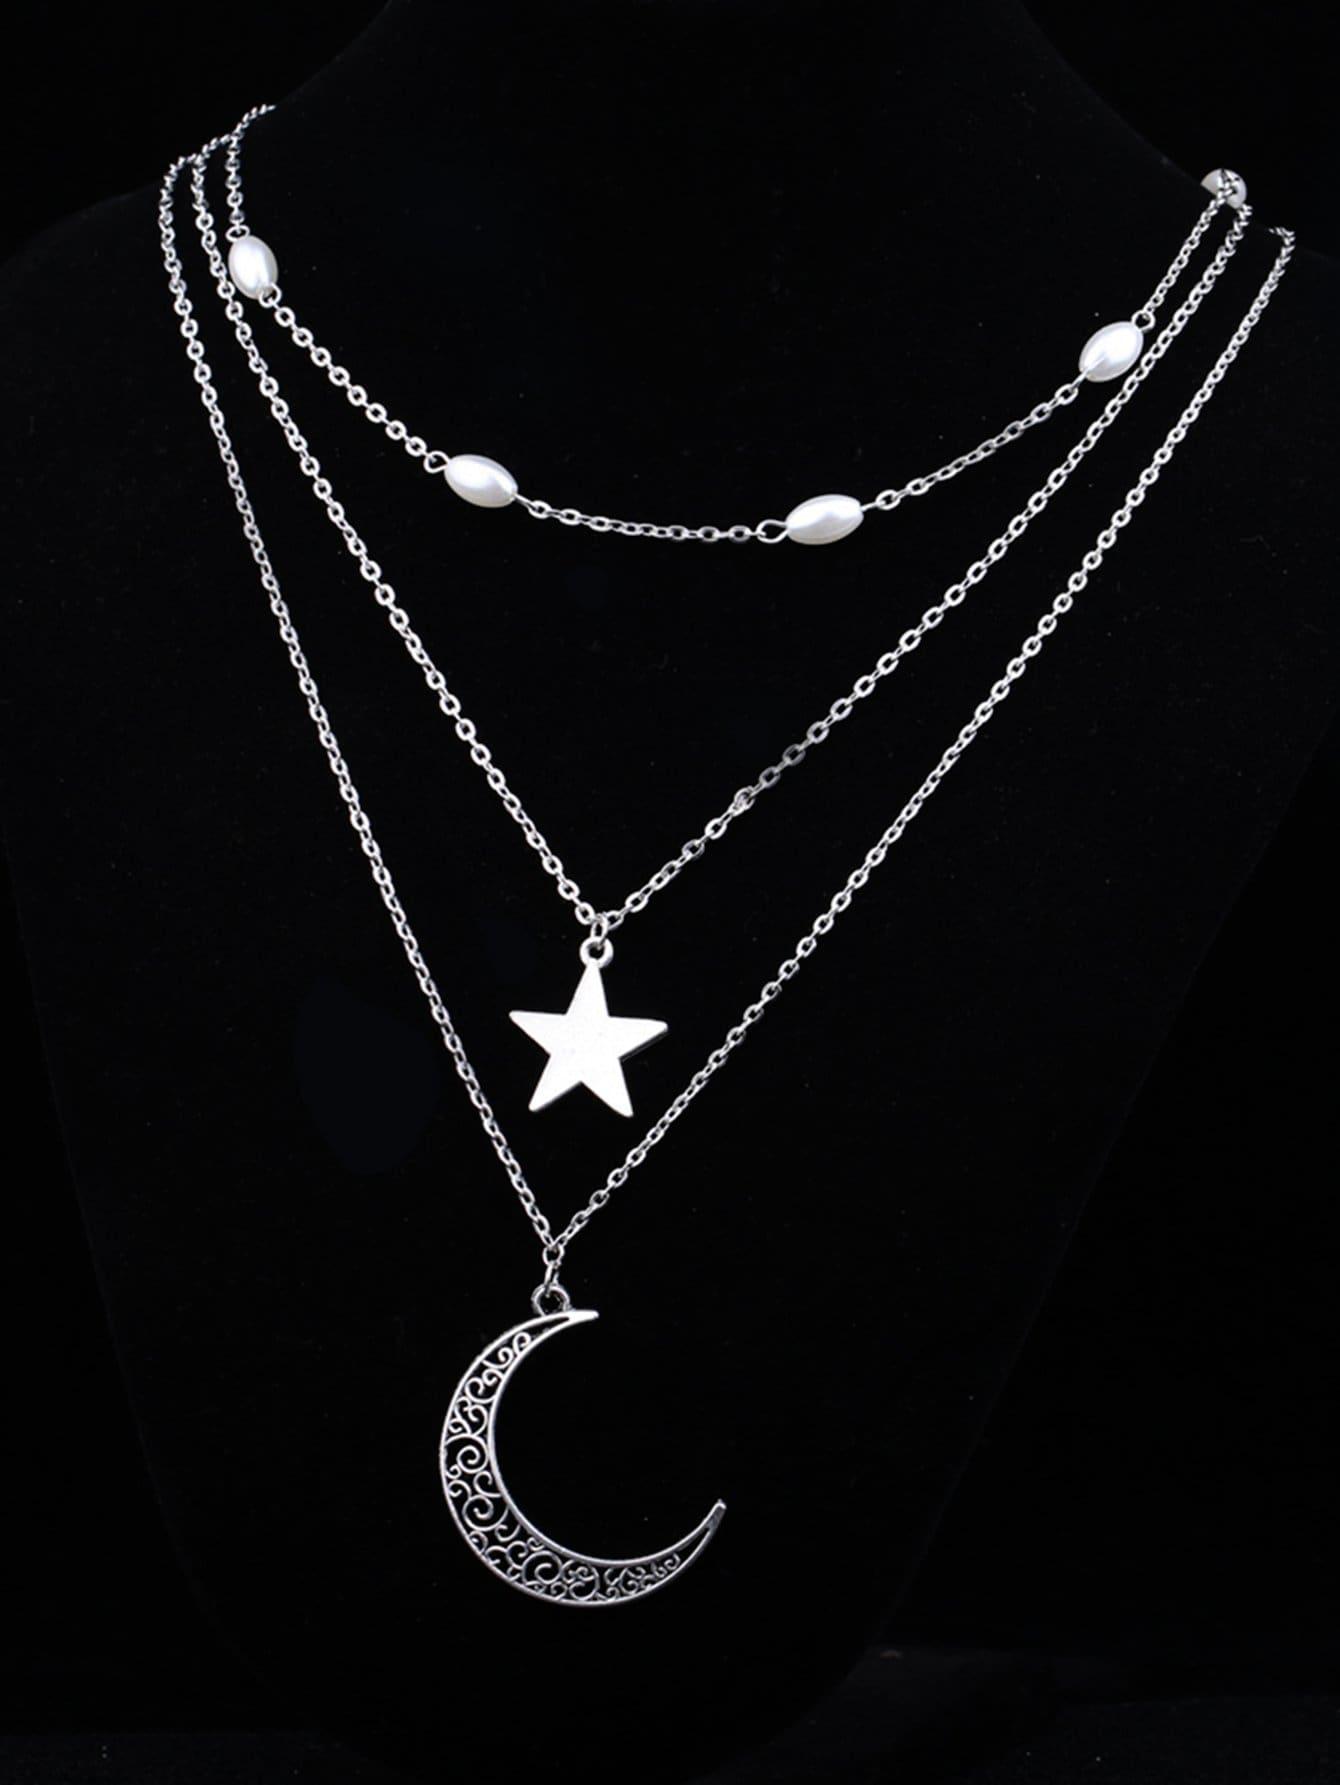 Mond & Stern Anhänger geschichteten Kette Halskette